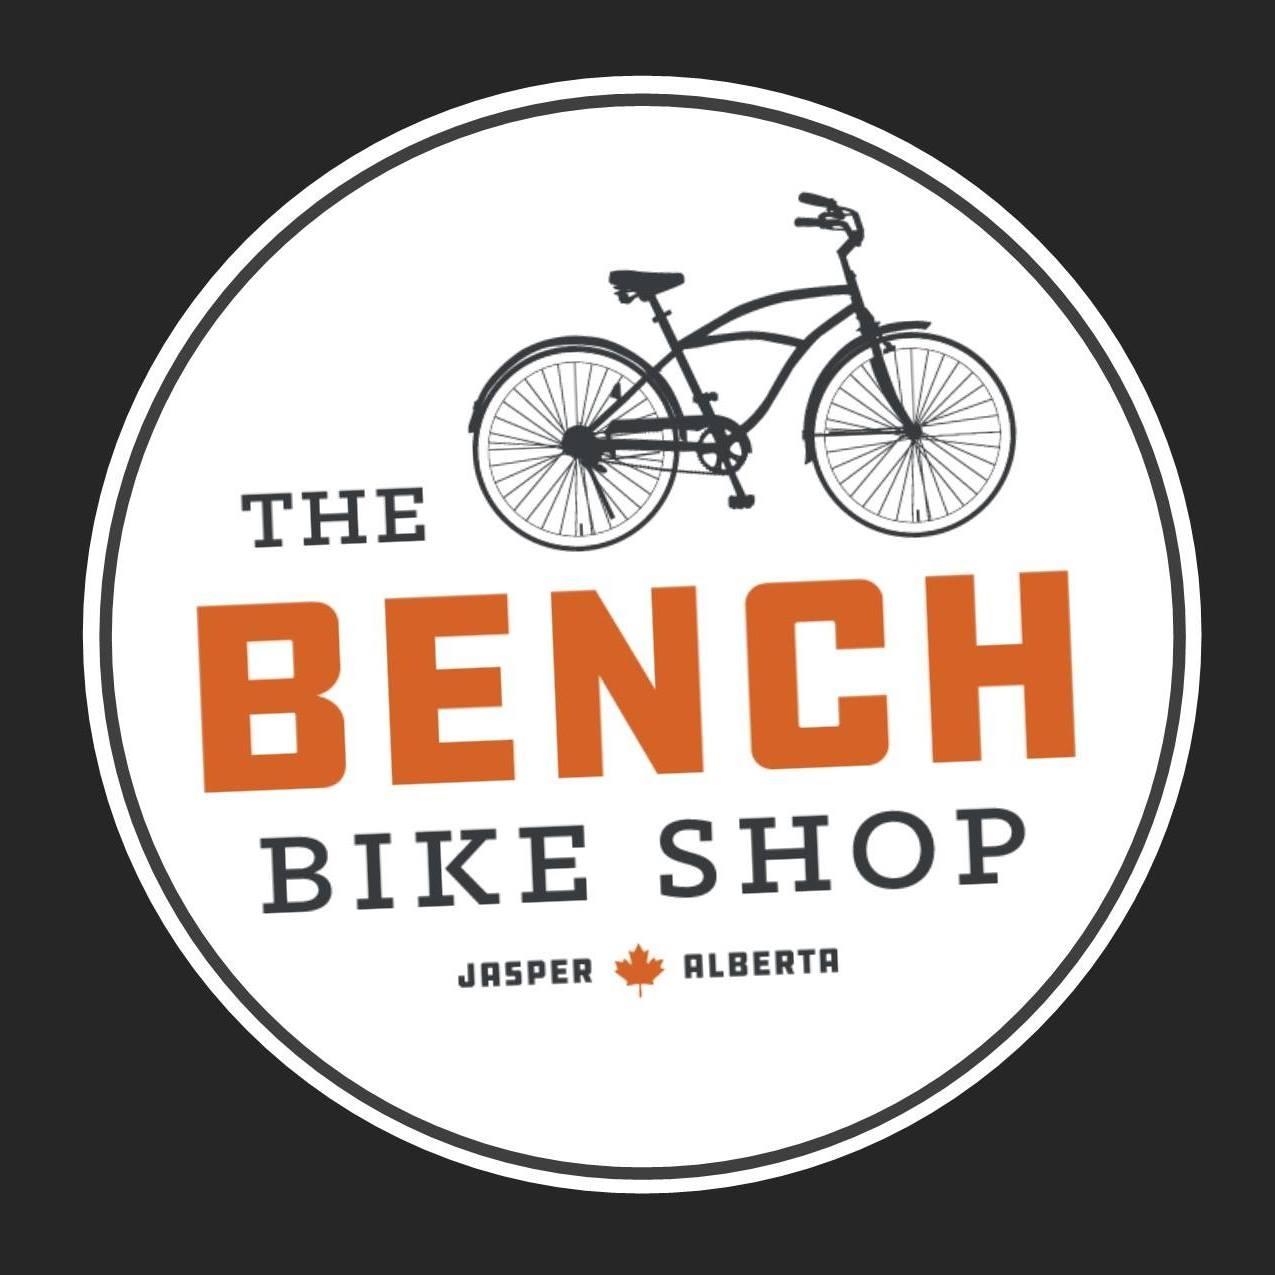 The Bench Bike Shop Jasper.jpg